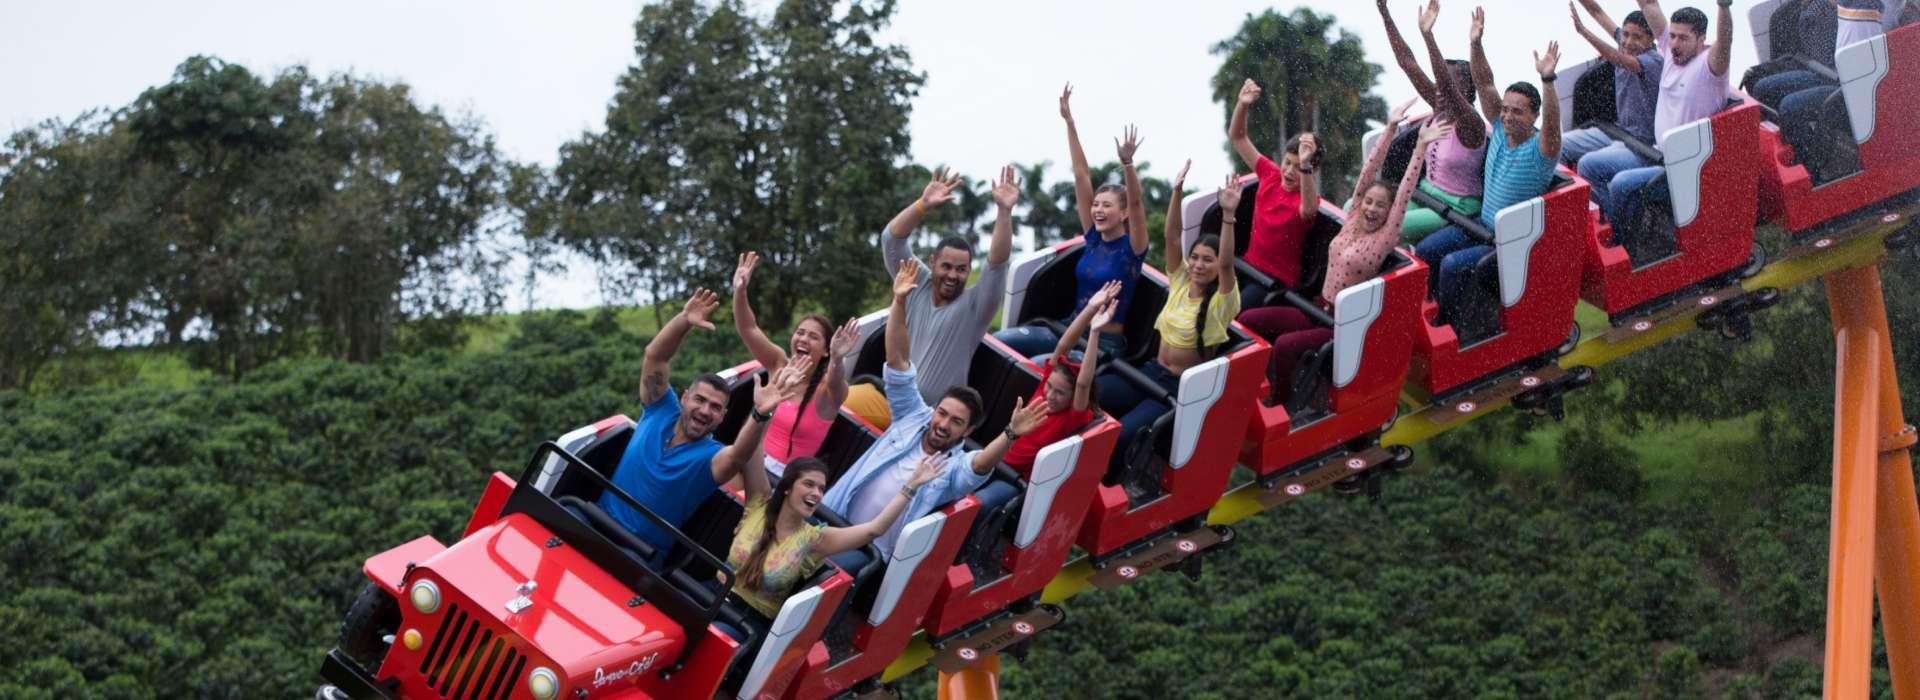 La montaña rusa de parque es una de las atracciones más populares del lugar. Foto: Cortesía del Parque del Café.